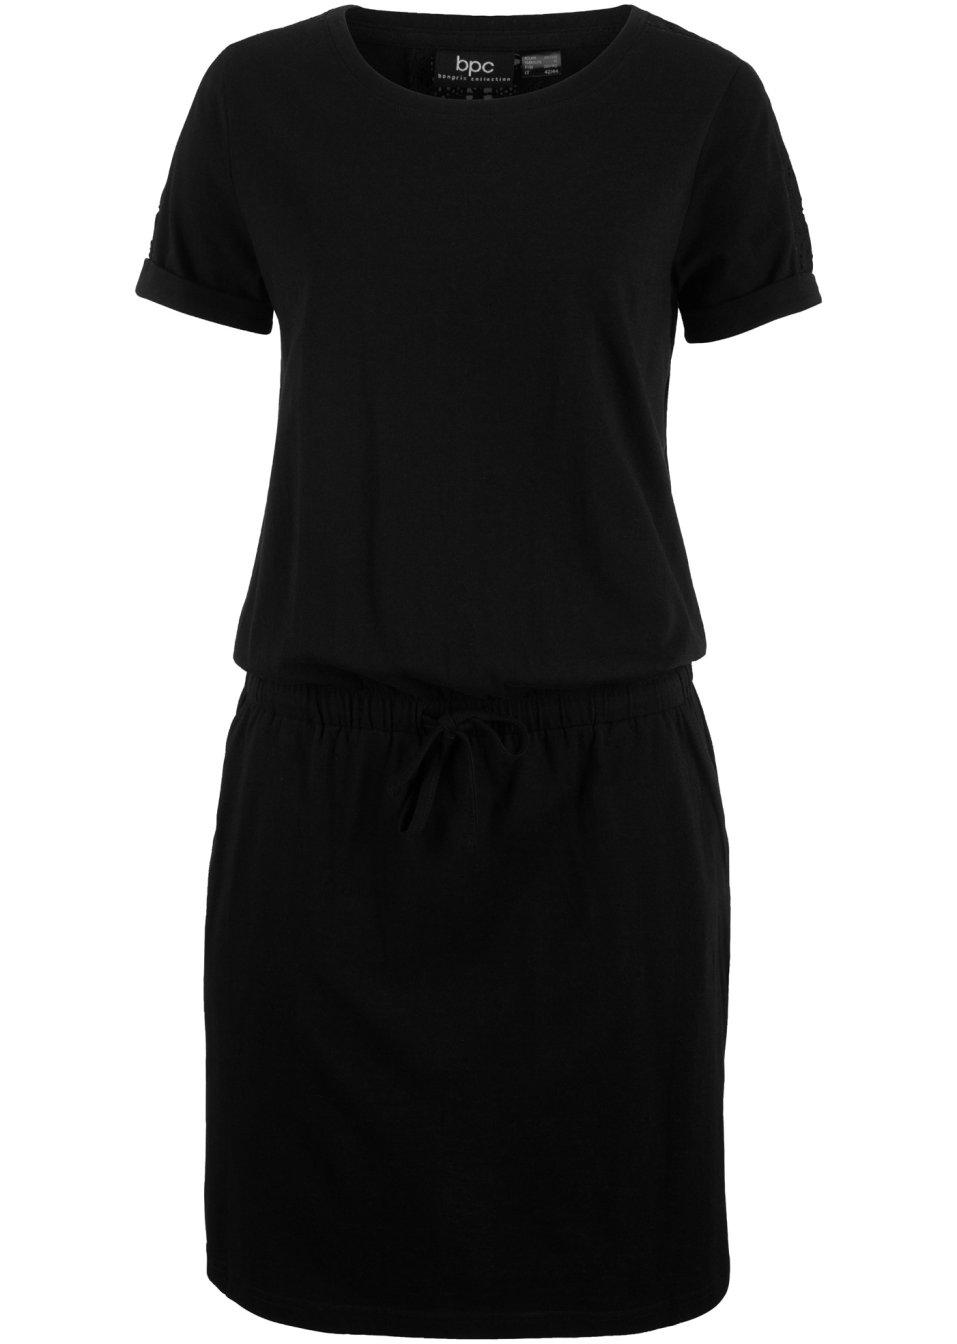 Kleid mit elastischen Bund mit Kordelzug in der Hüfte und zwei Eingrifftaschen - schwarz K0Oss 1U7U3